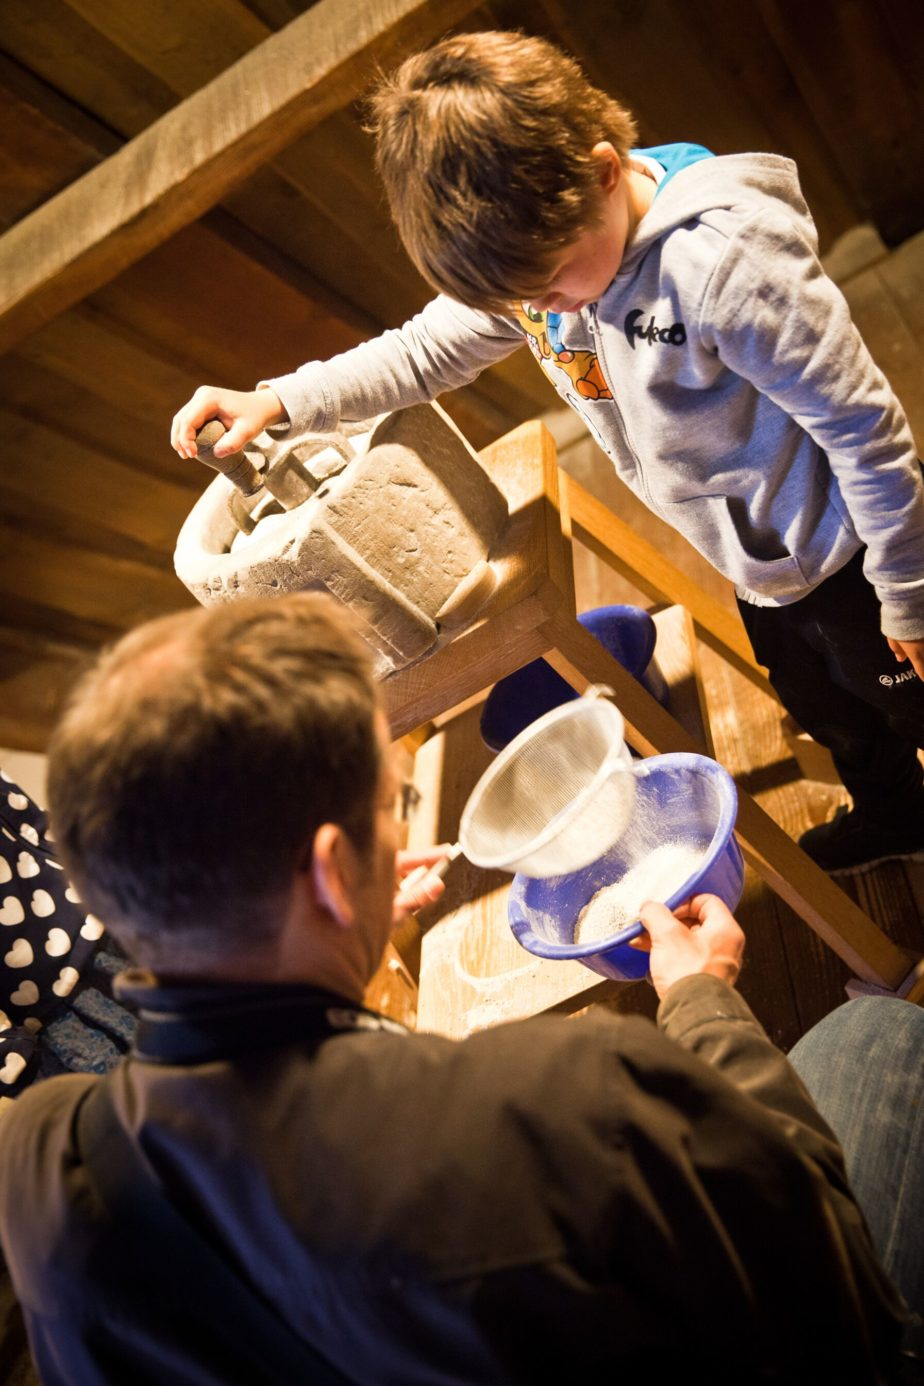 Ein Mann und ein Kind mahlen Mehl mit einem Mahlstein